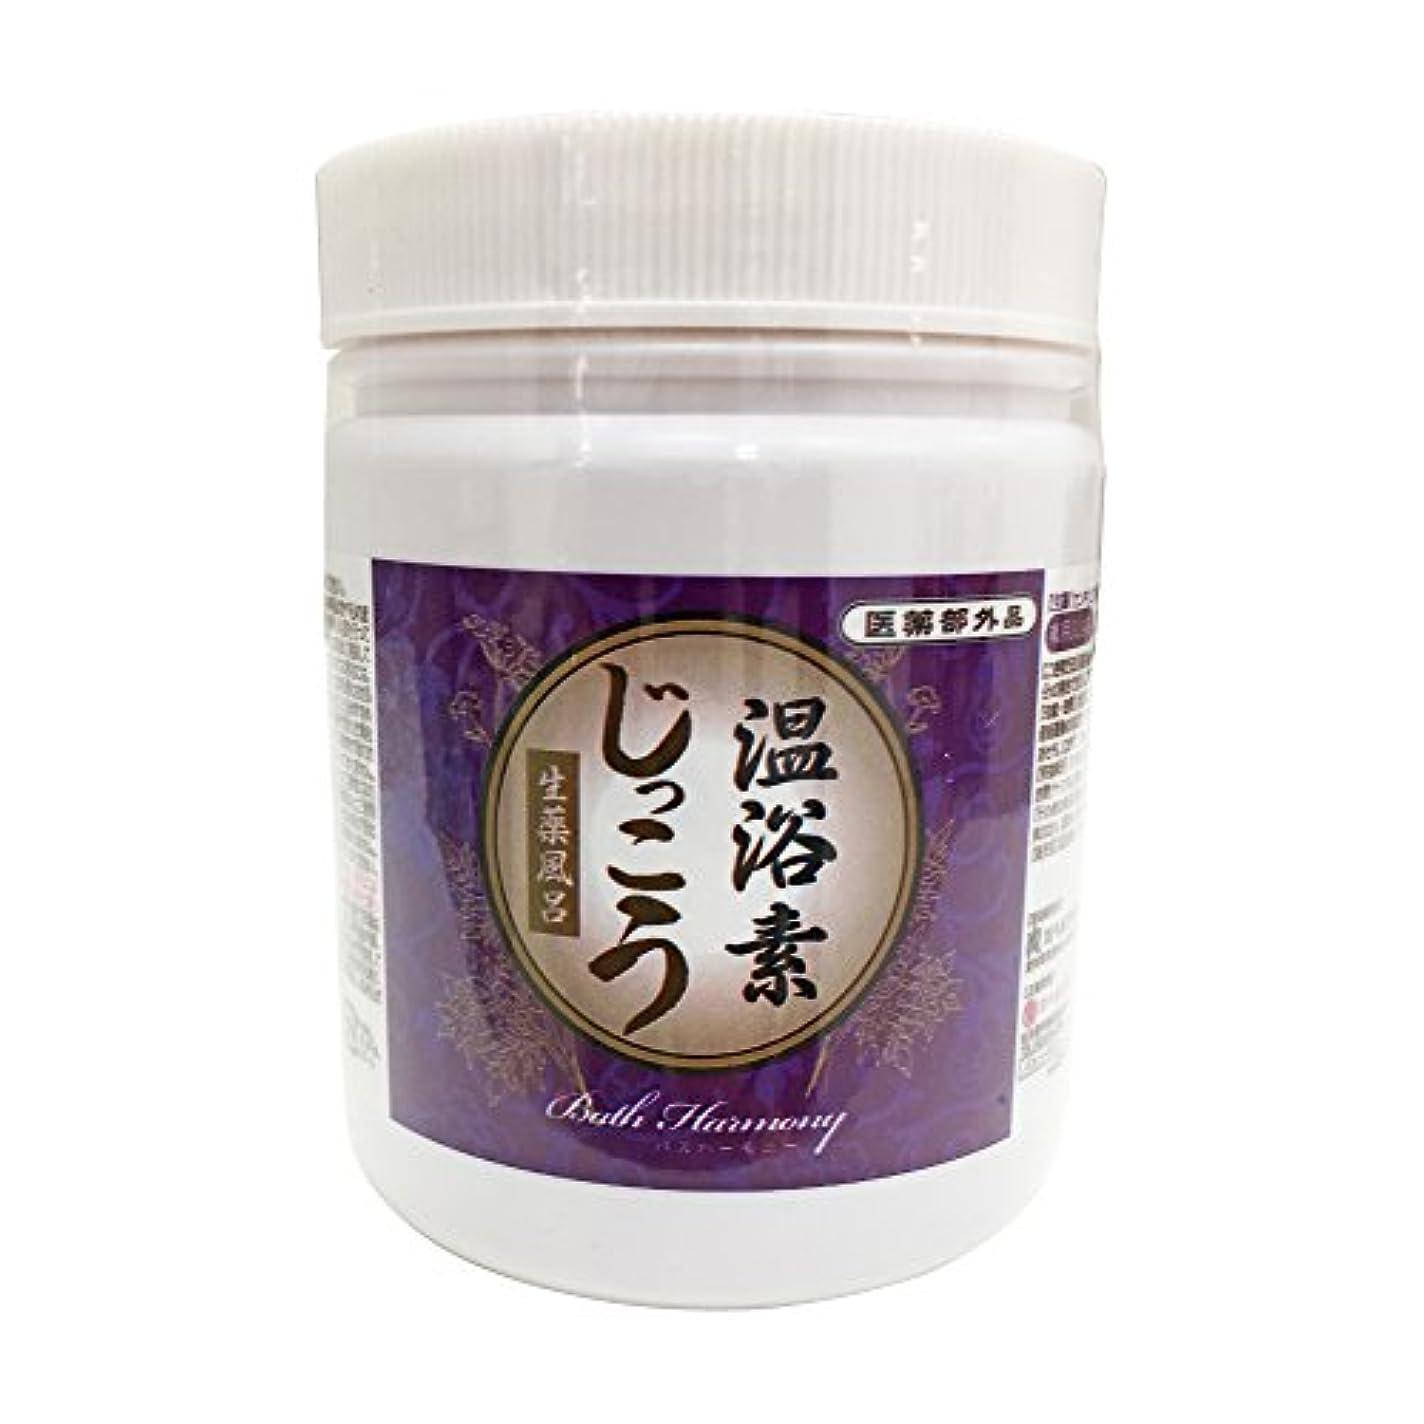 温浴素 じっこう 500g 約25回分 粉末 生薬 薬湯 医薬部外品 ロングセラー 天然生薬 の 香り